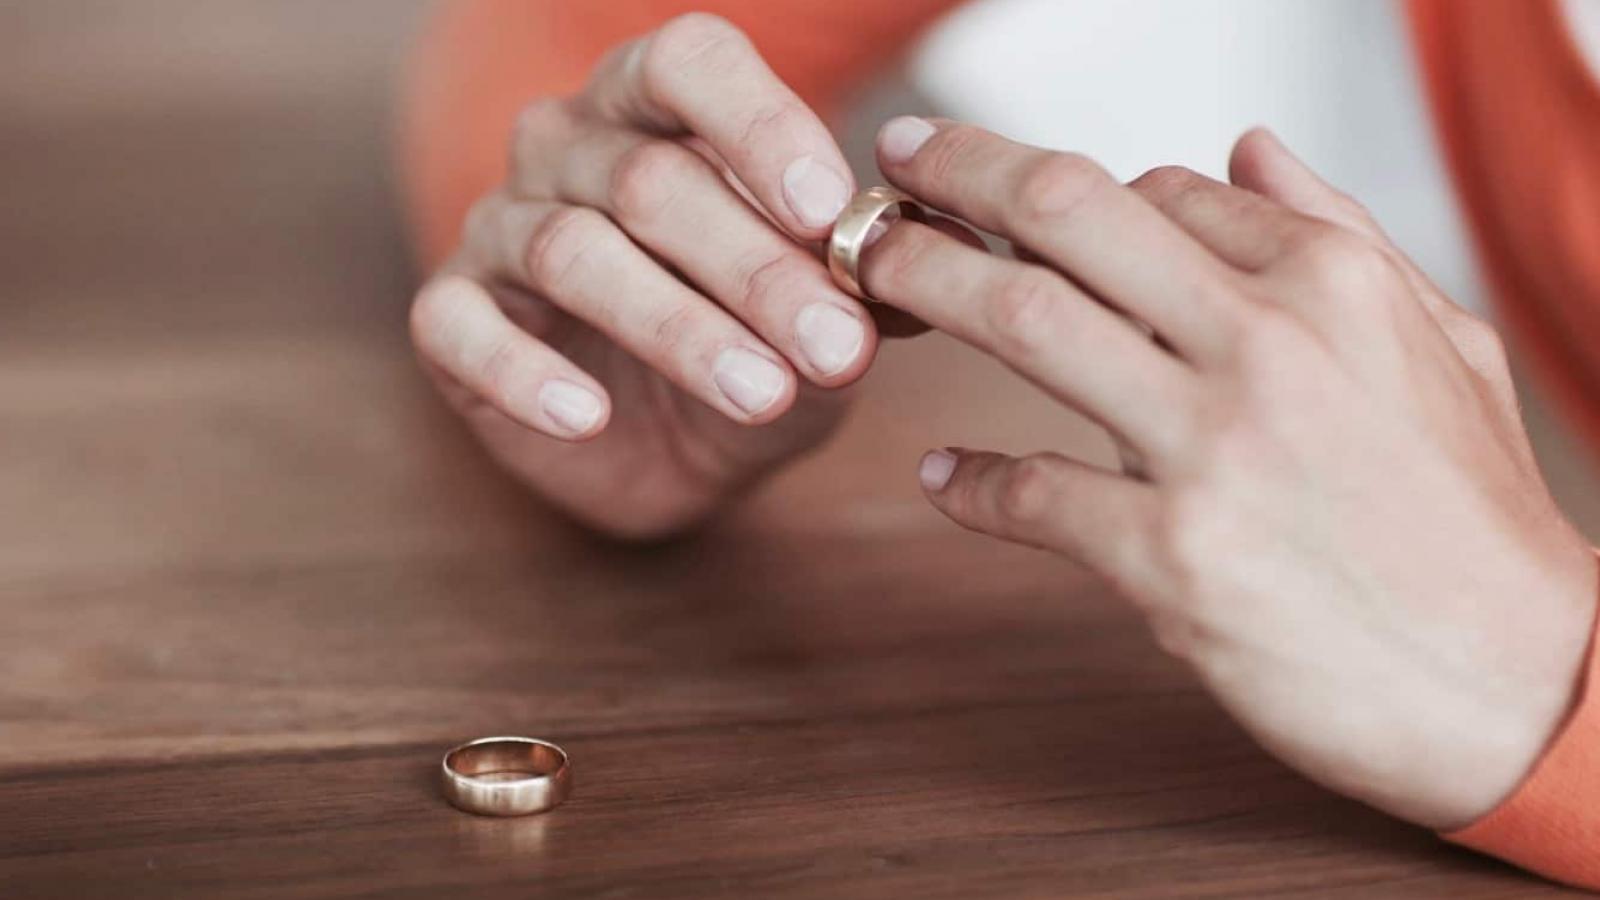 Половина браков на Вологодчине распадается